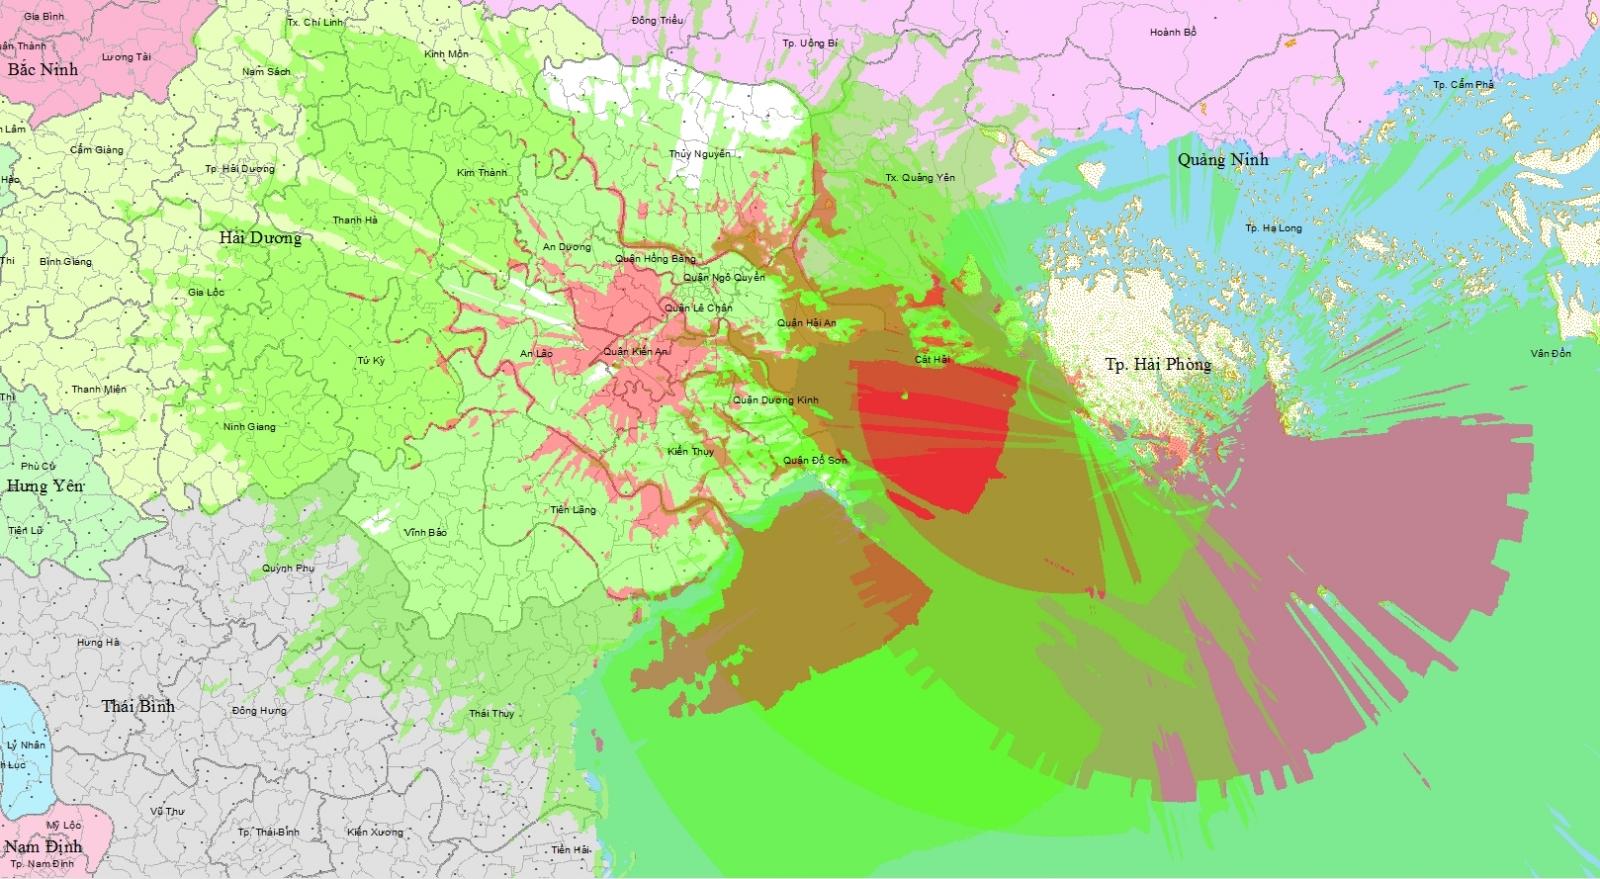 Bản đồ vùng phủ sóng kỹ thuật số DVB - T2 Hải Phòng